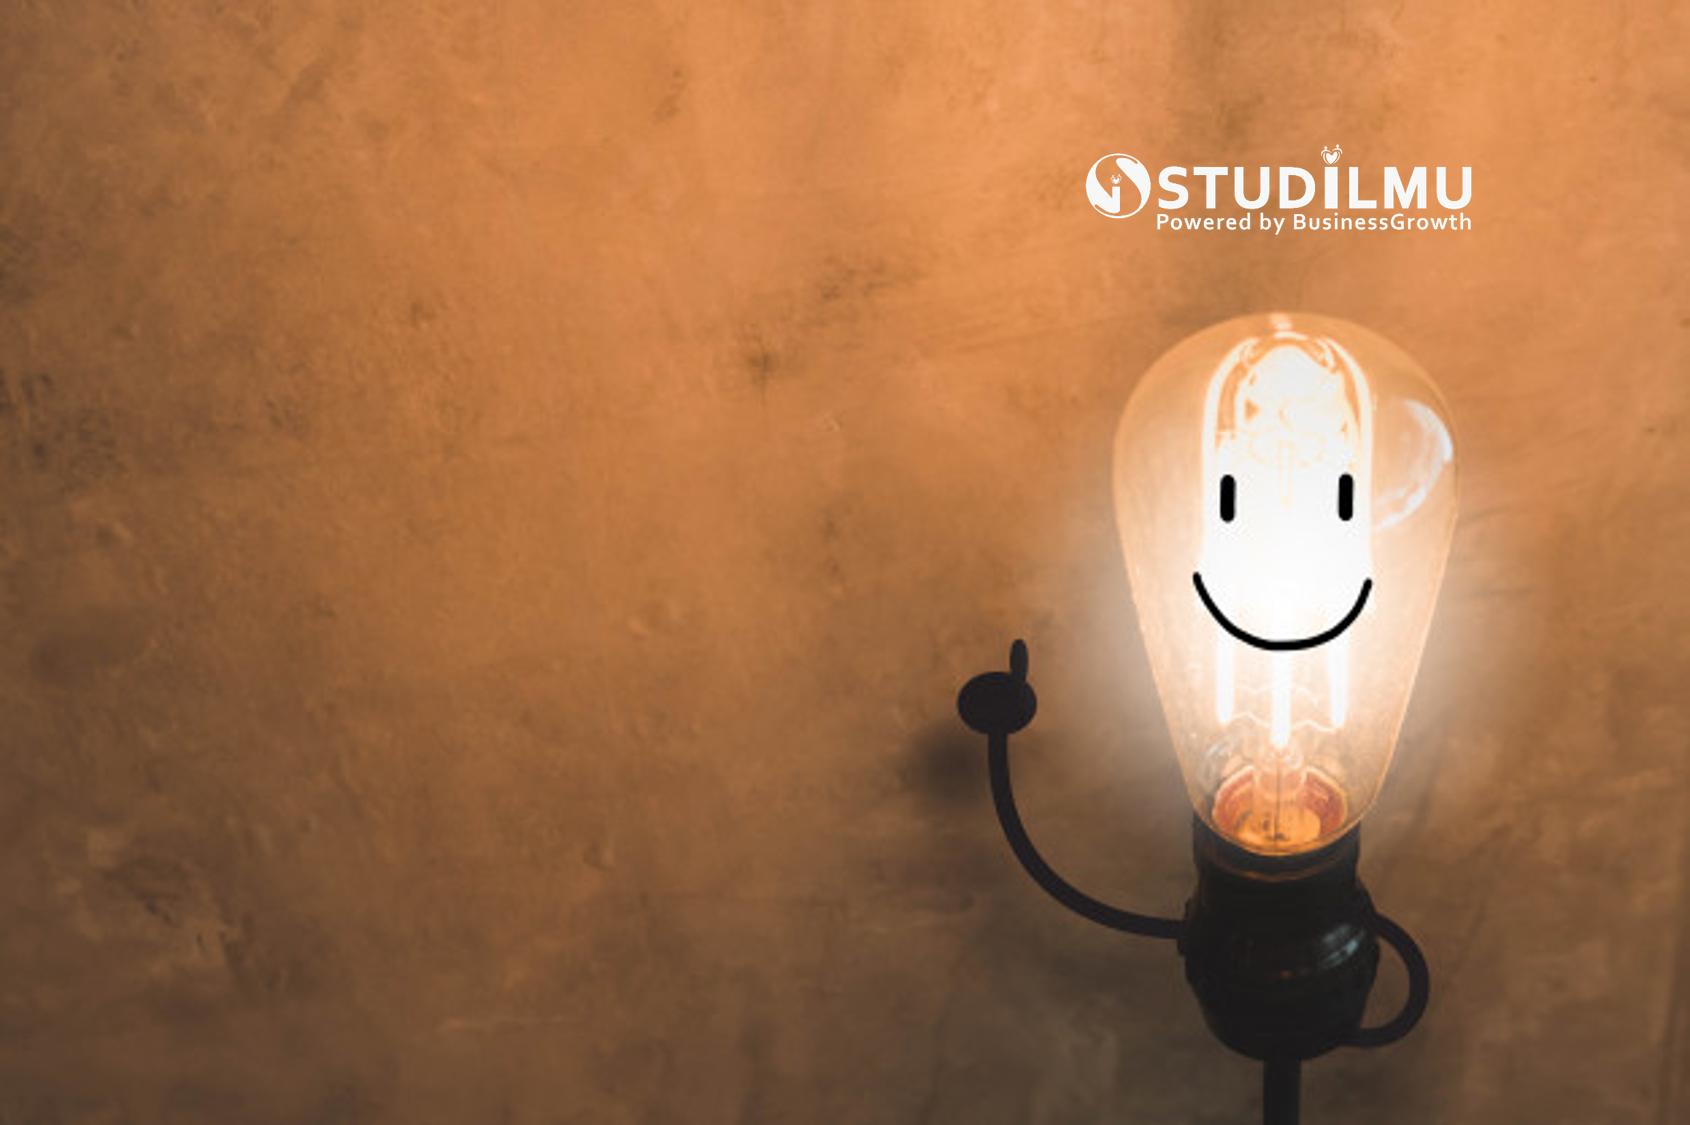 STUDILMU Career Advice - 4 Kebiasaan Baik yang Dapat Menciptakan Kebahagiaan Sejati